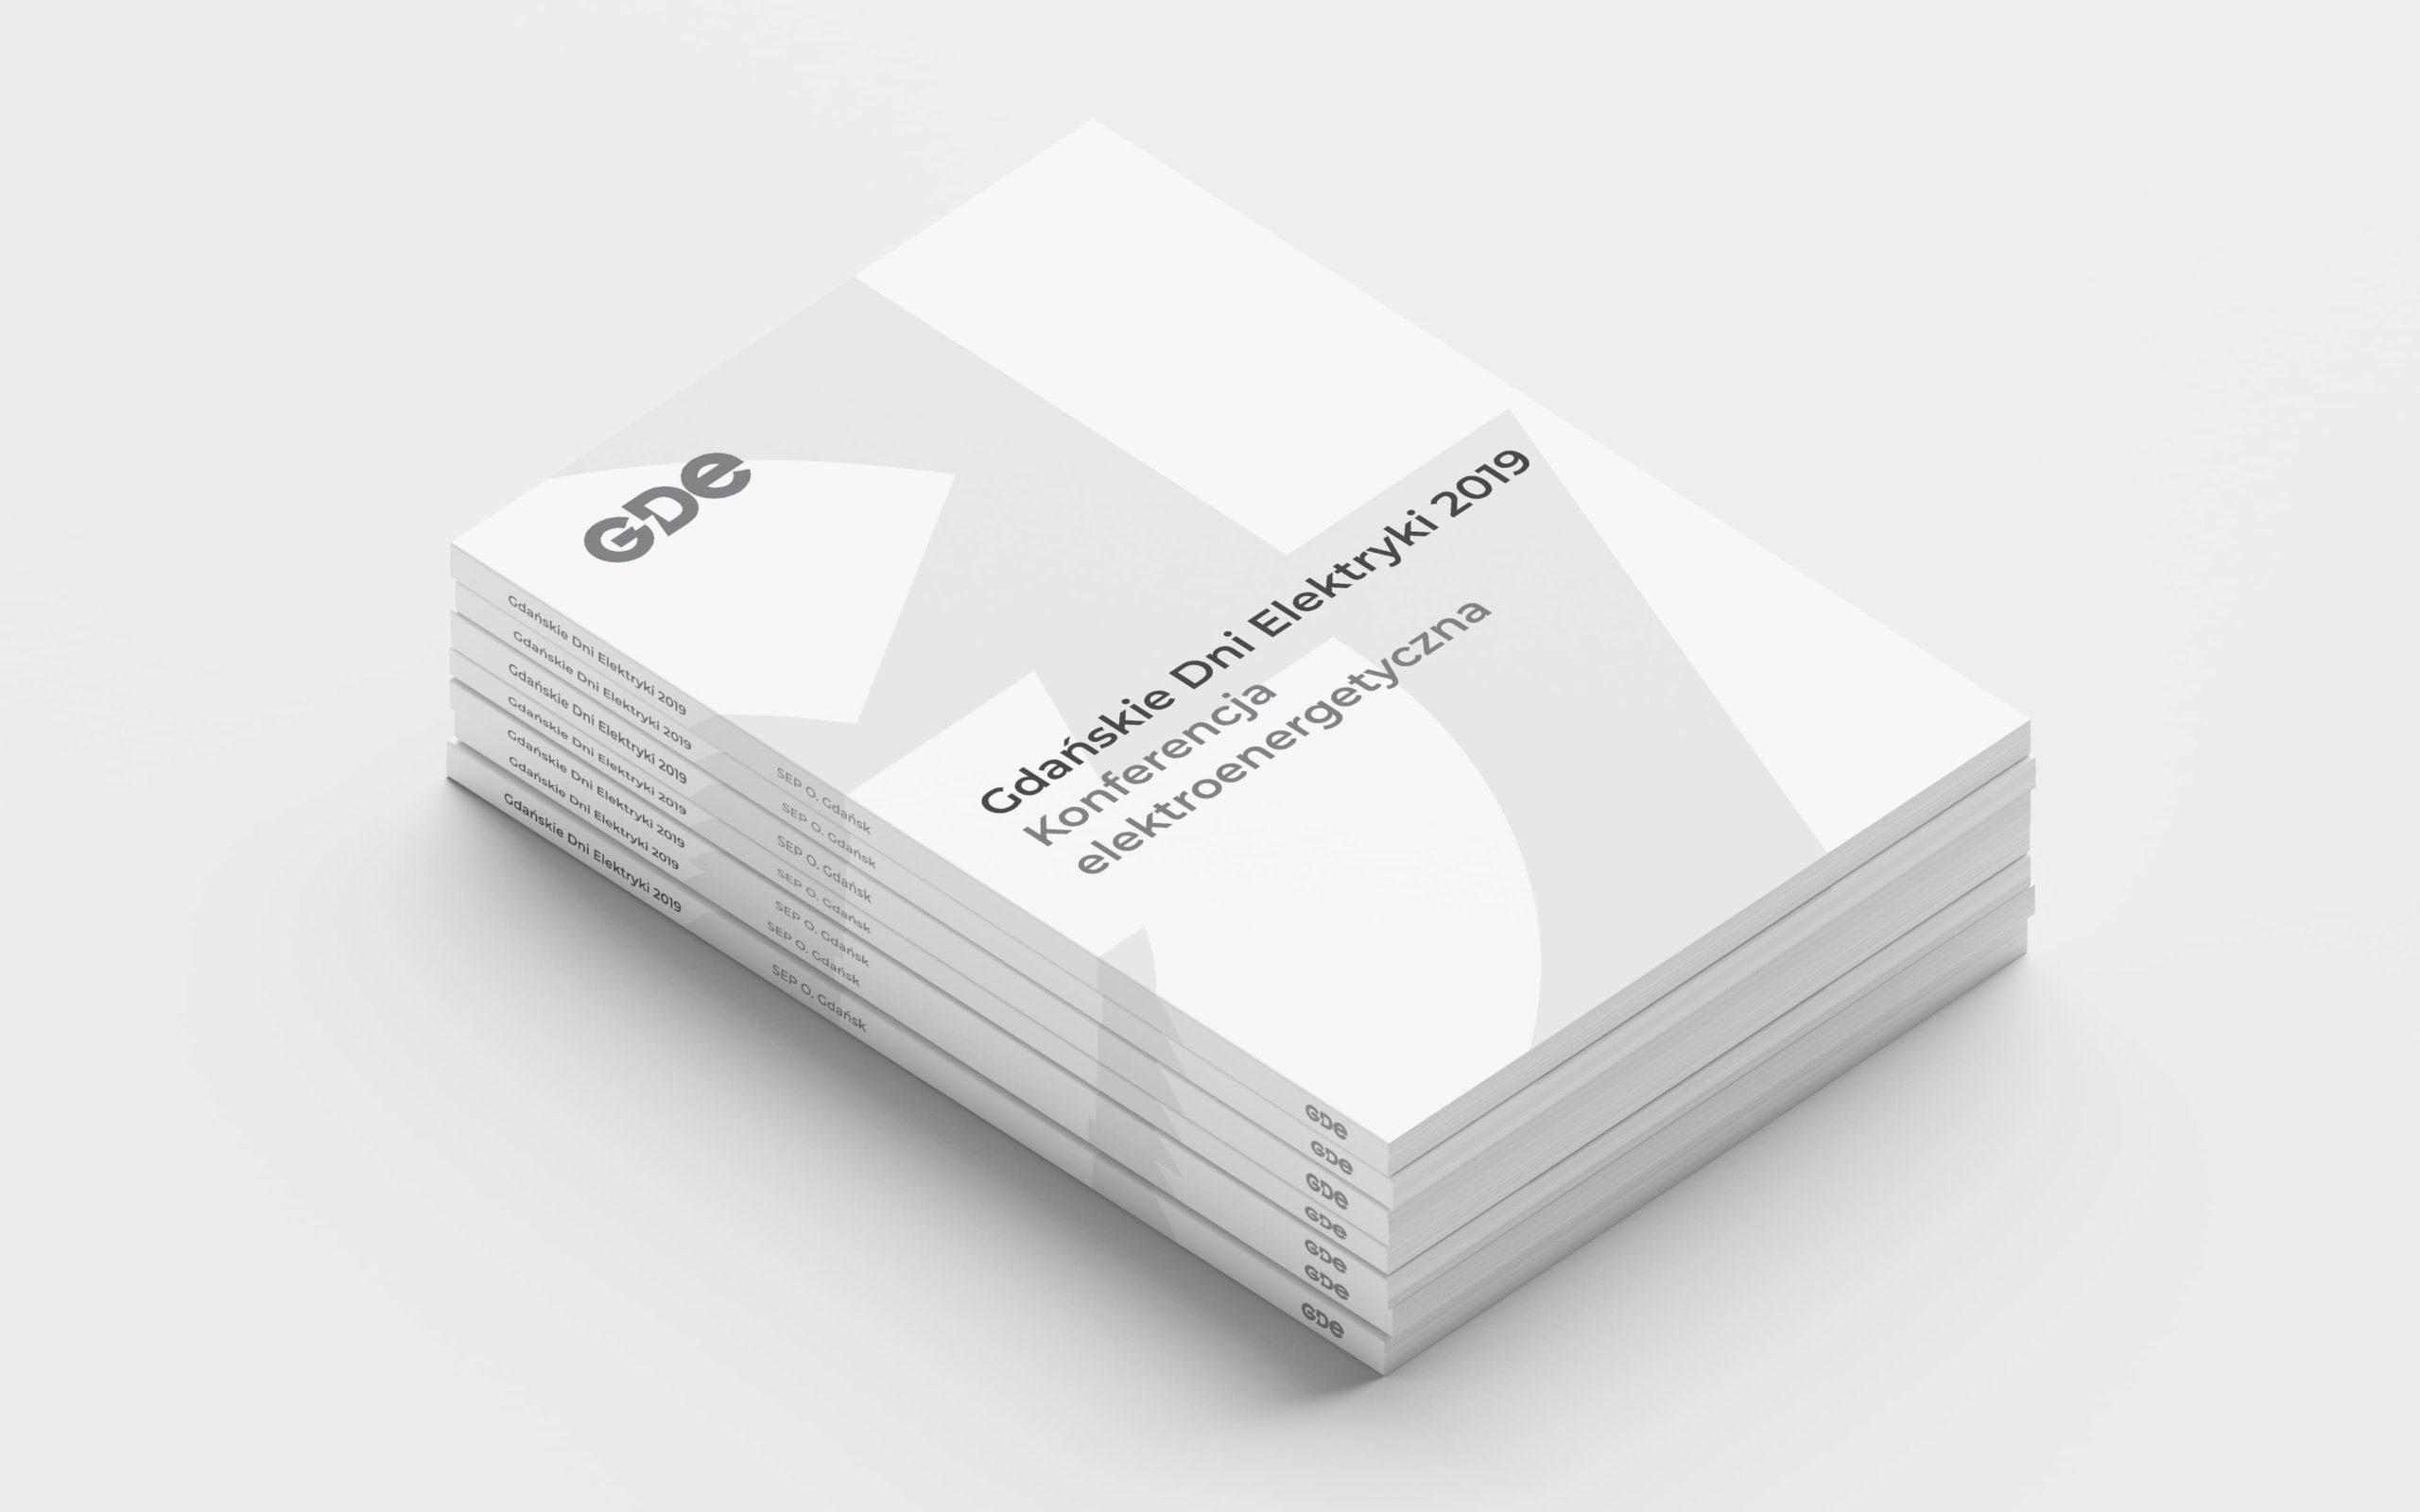 GDE 2019 - Publikacja